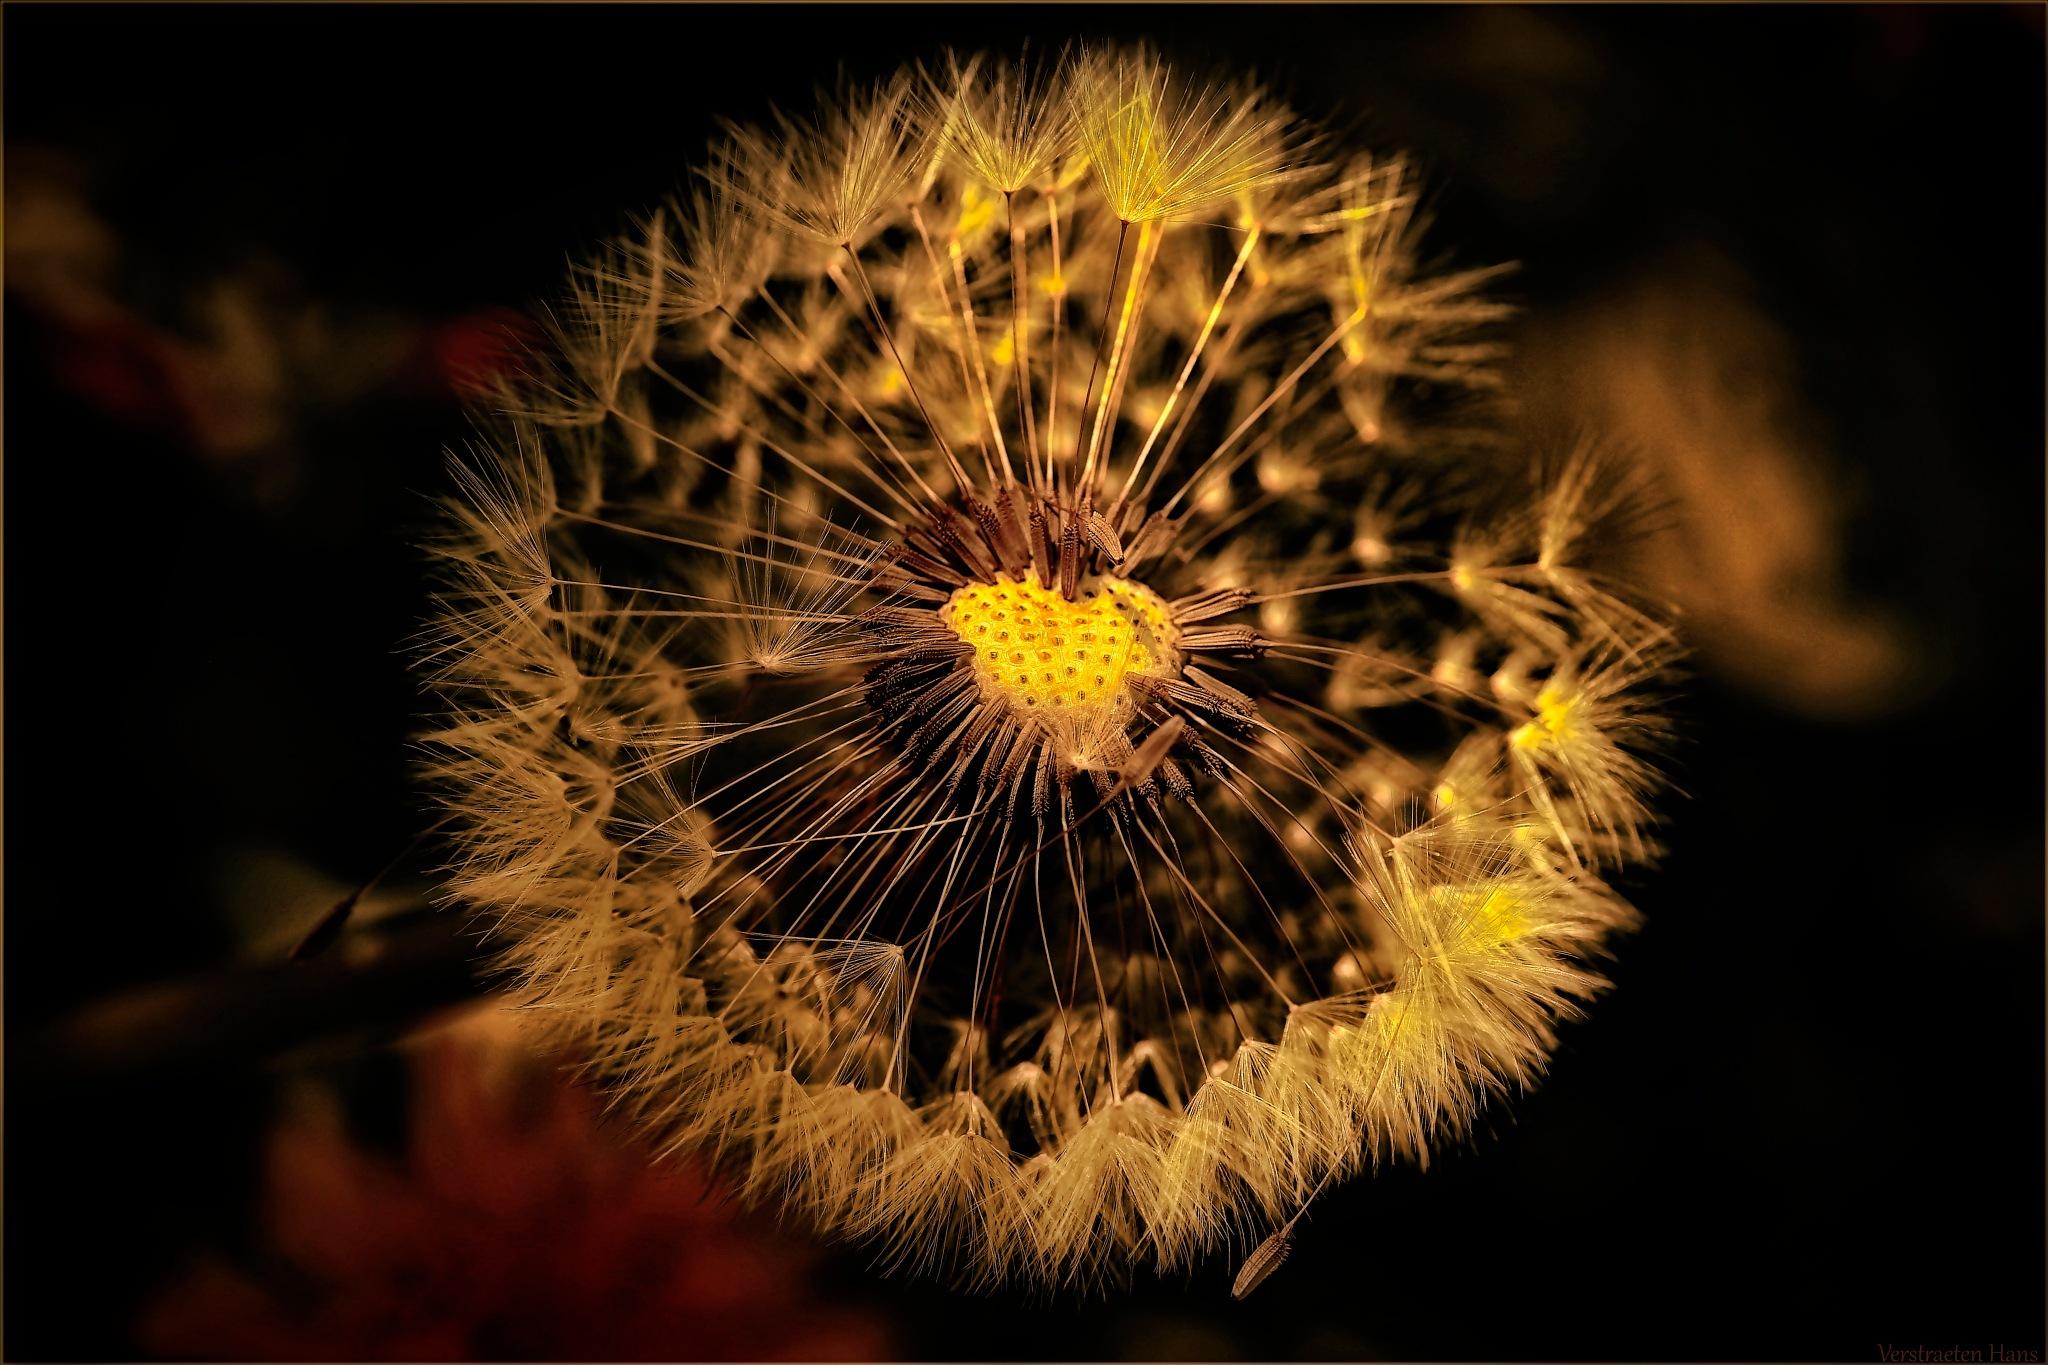 Dandelion by zard319